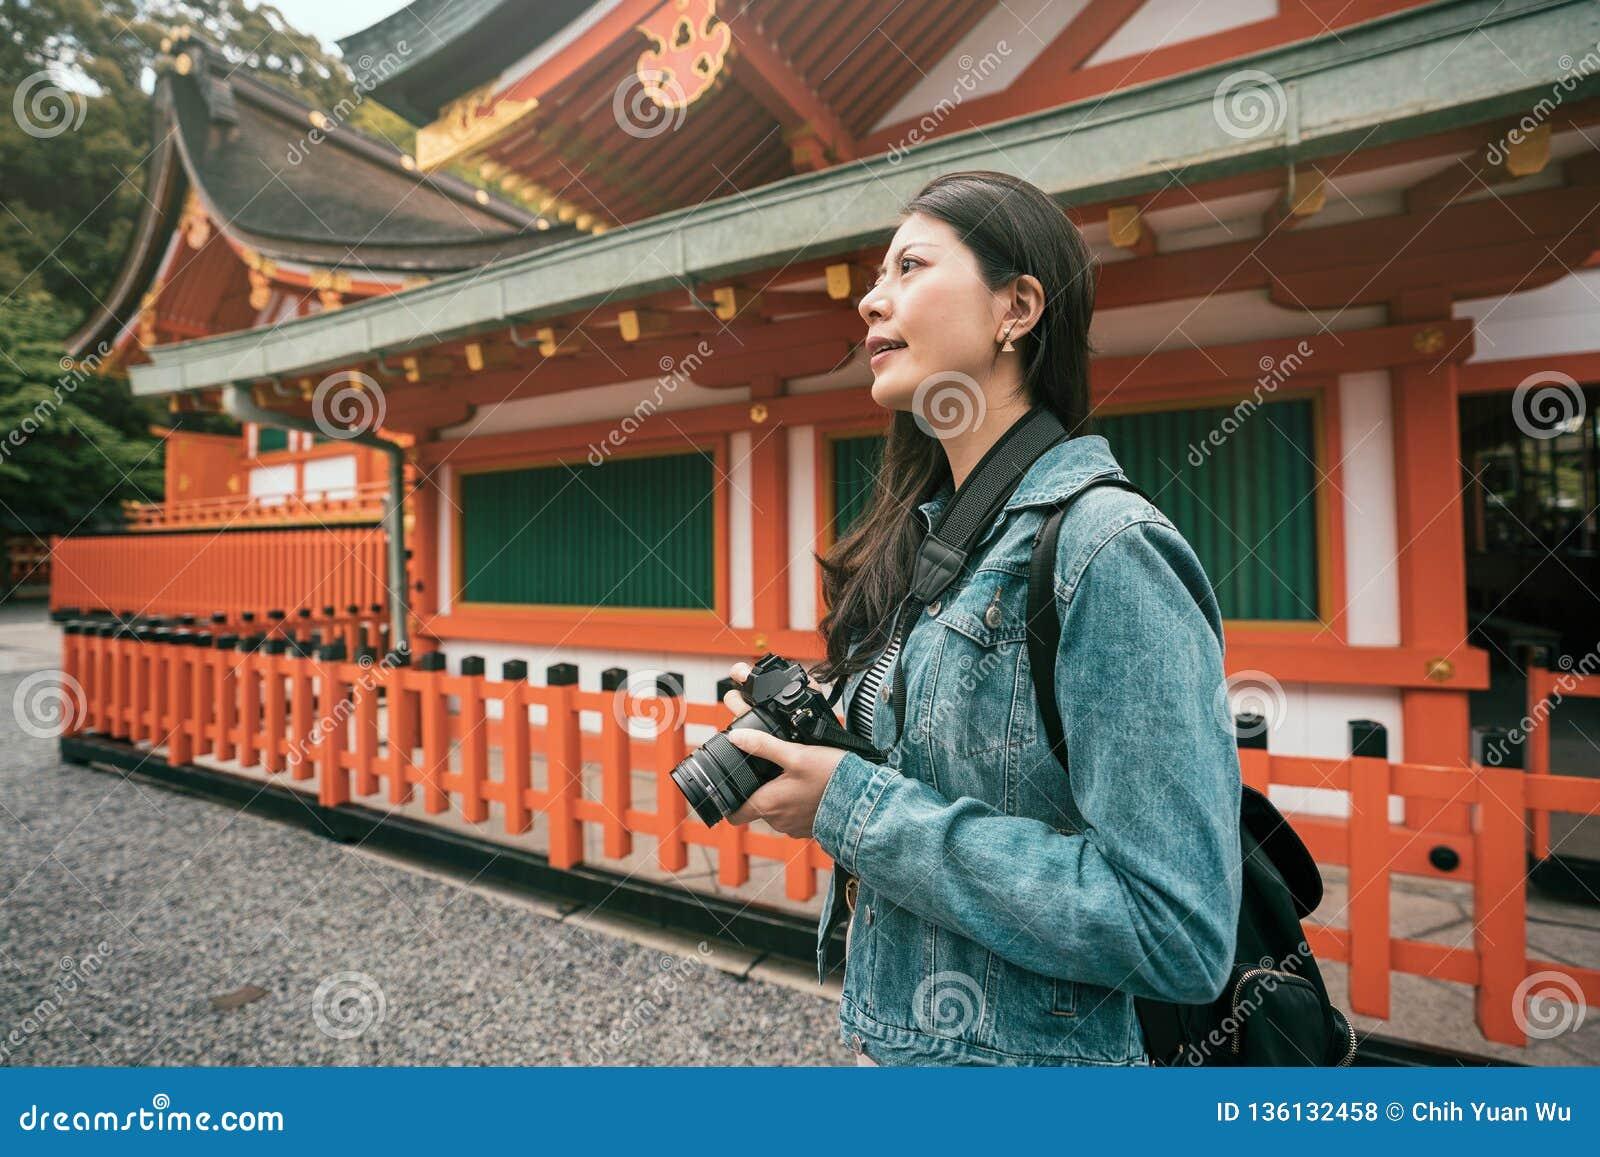 Situación del fotógrafo cerca del templo de madera rojo